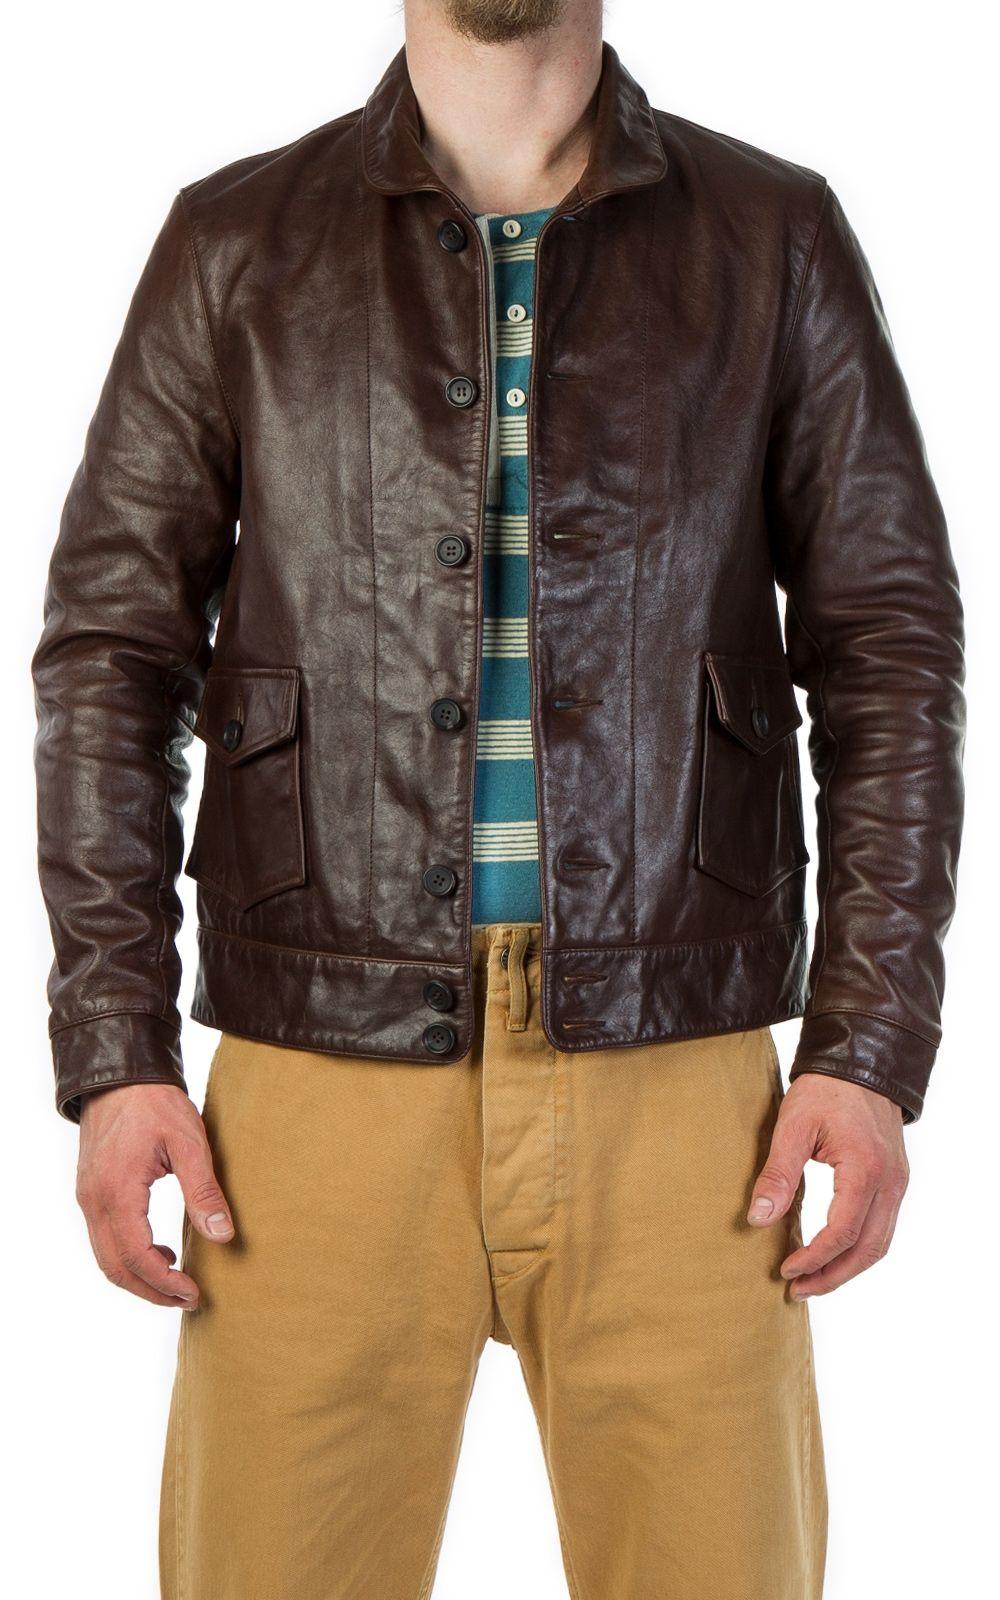 Cultizm Raw Denim Best Brands 1930s Menlo Cossack Jacket Brown Levi S Vintage Clothing 1930s Menlo Cossack Leather Jacket Jackets Levis Vintage Clothing